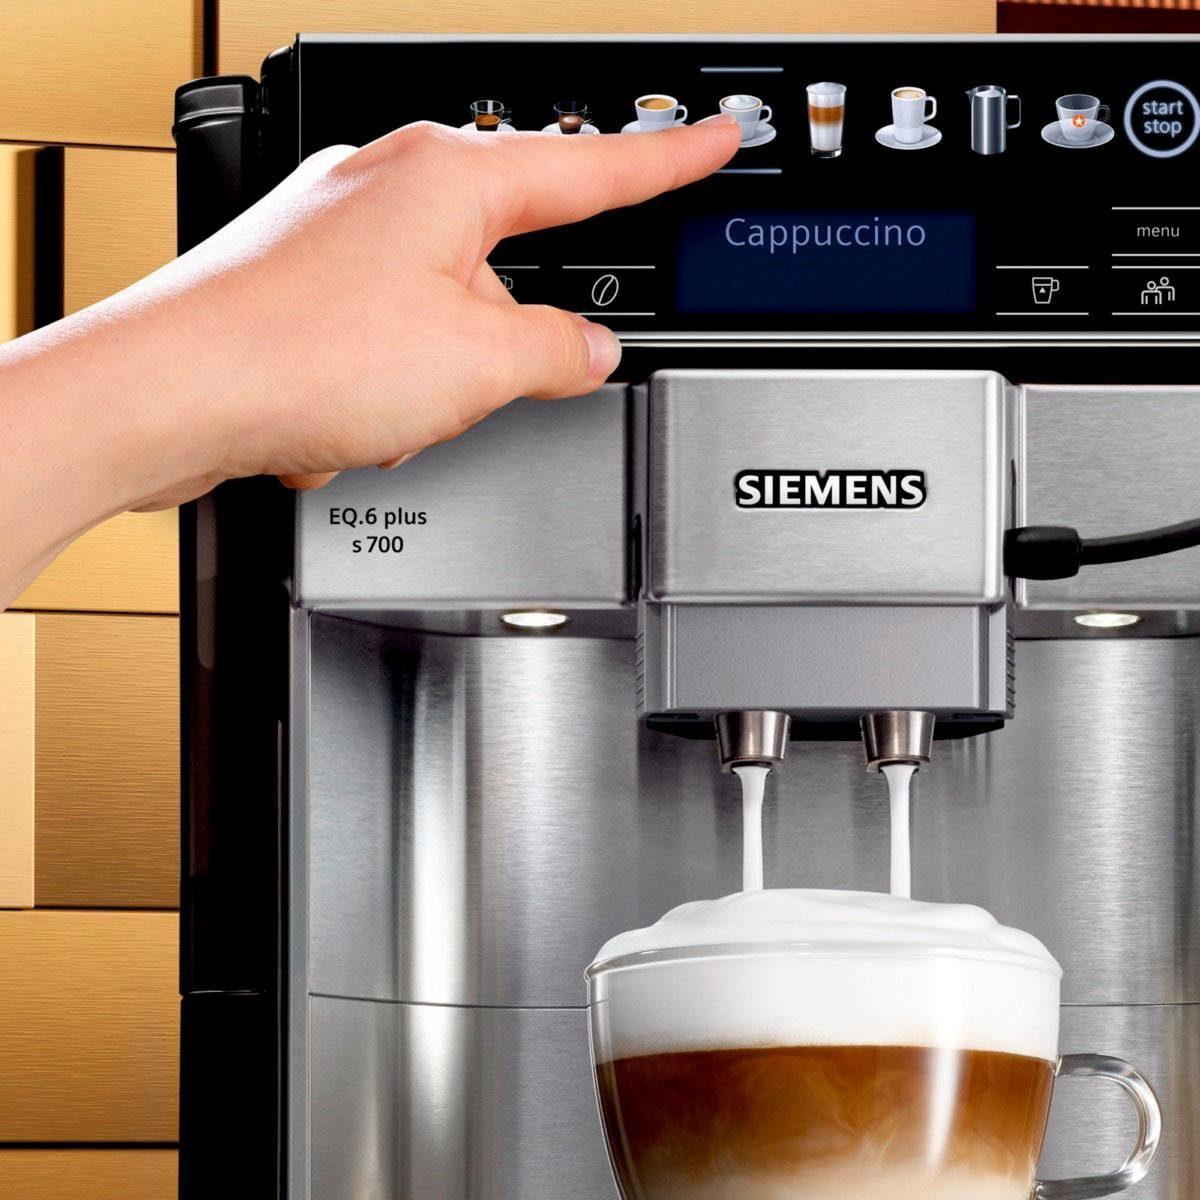 Bild 5 von SIEMENS Kaffeevollautomat EQ.6 plus s700 TE657503DE, automatische Reinigung, zwei Tassen gleichzeitig, 4 individuelle Profile, beleuchtetes Tassenpodest, Edelstahl